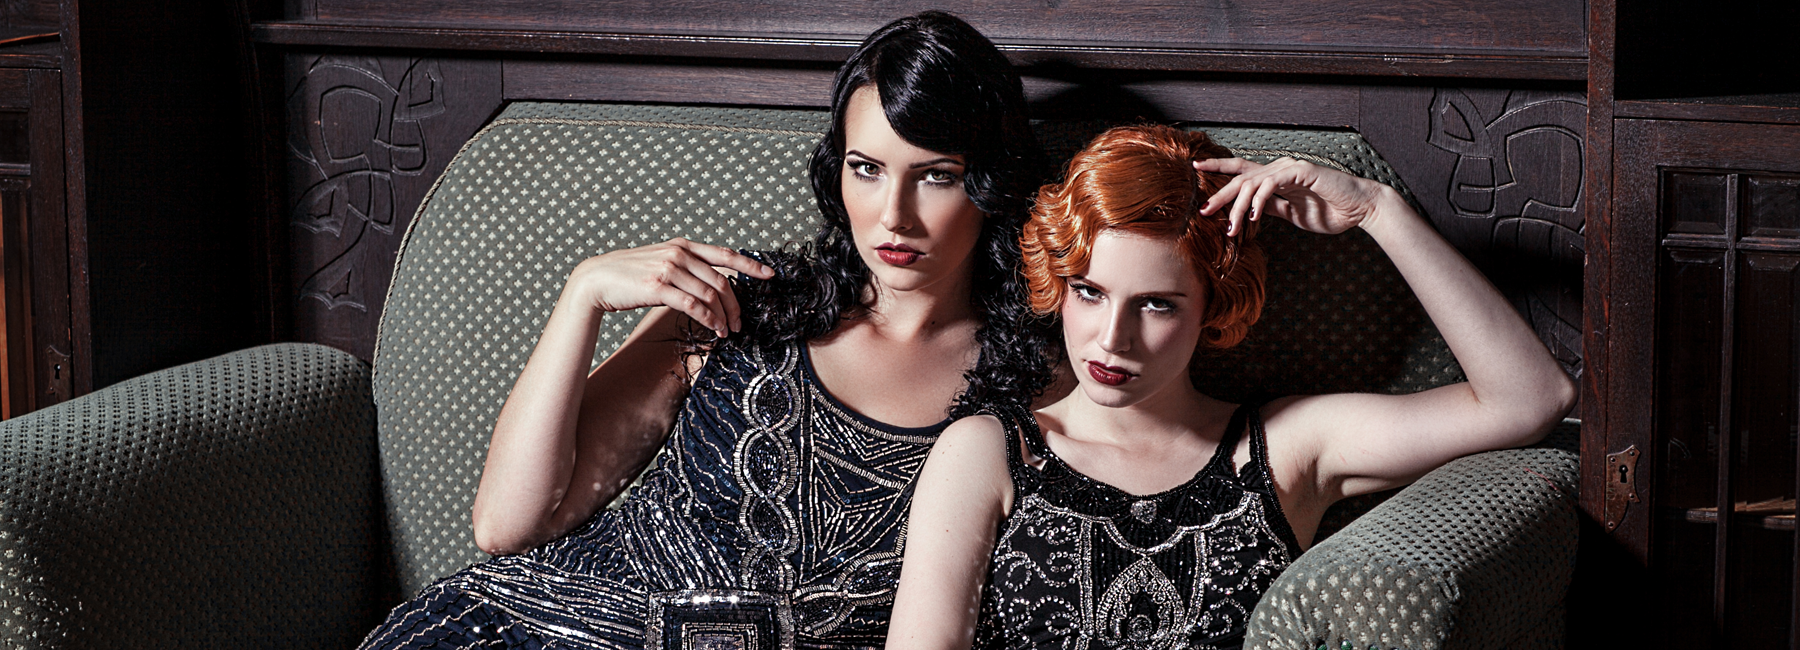 """Von Coco Chanel bis Gatsby: Aaah, die """"Roaring Twenties"""" und ihre Avantgarde! Wer hätte dabei nicht sofort Stilikonen wie die legendäre Coco Chanel im Kopf?"""